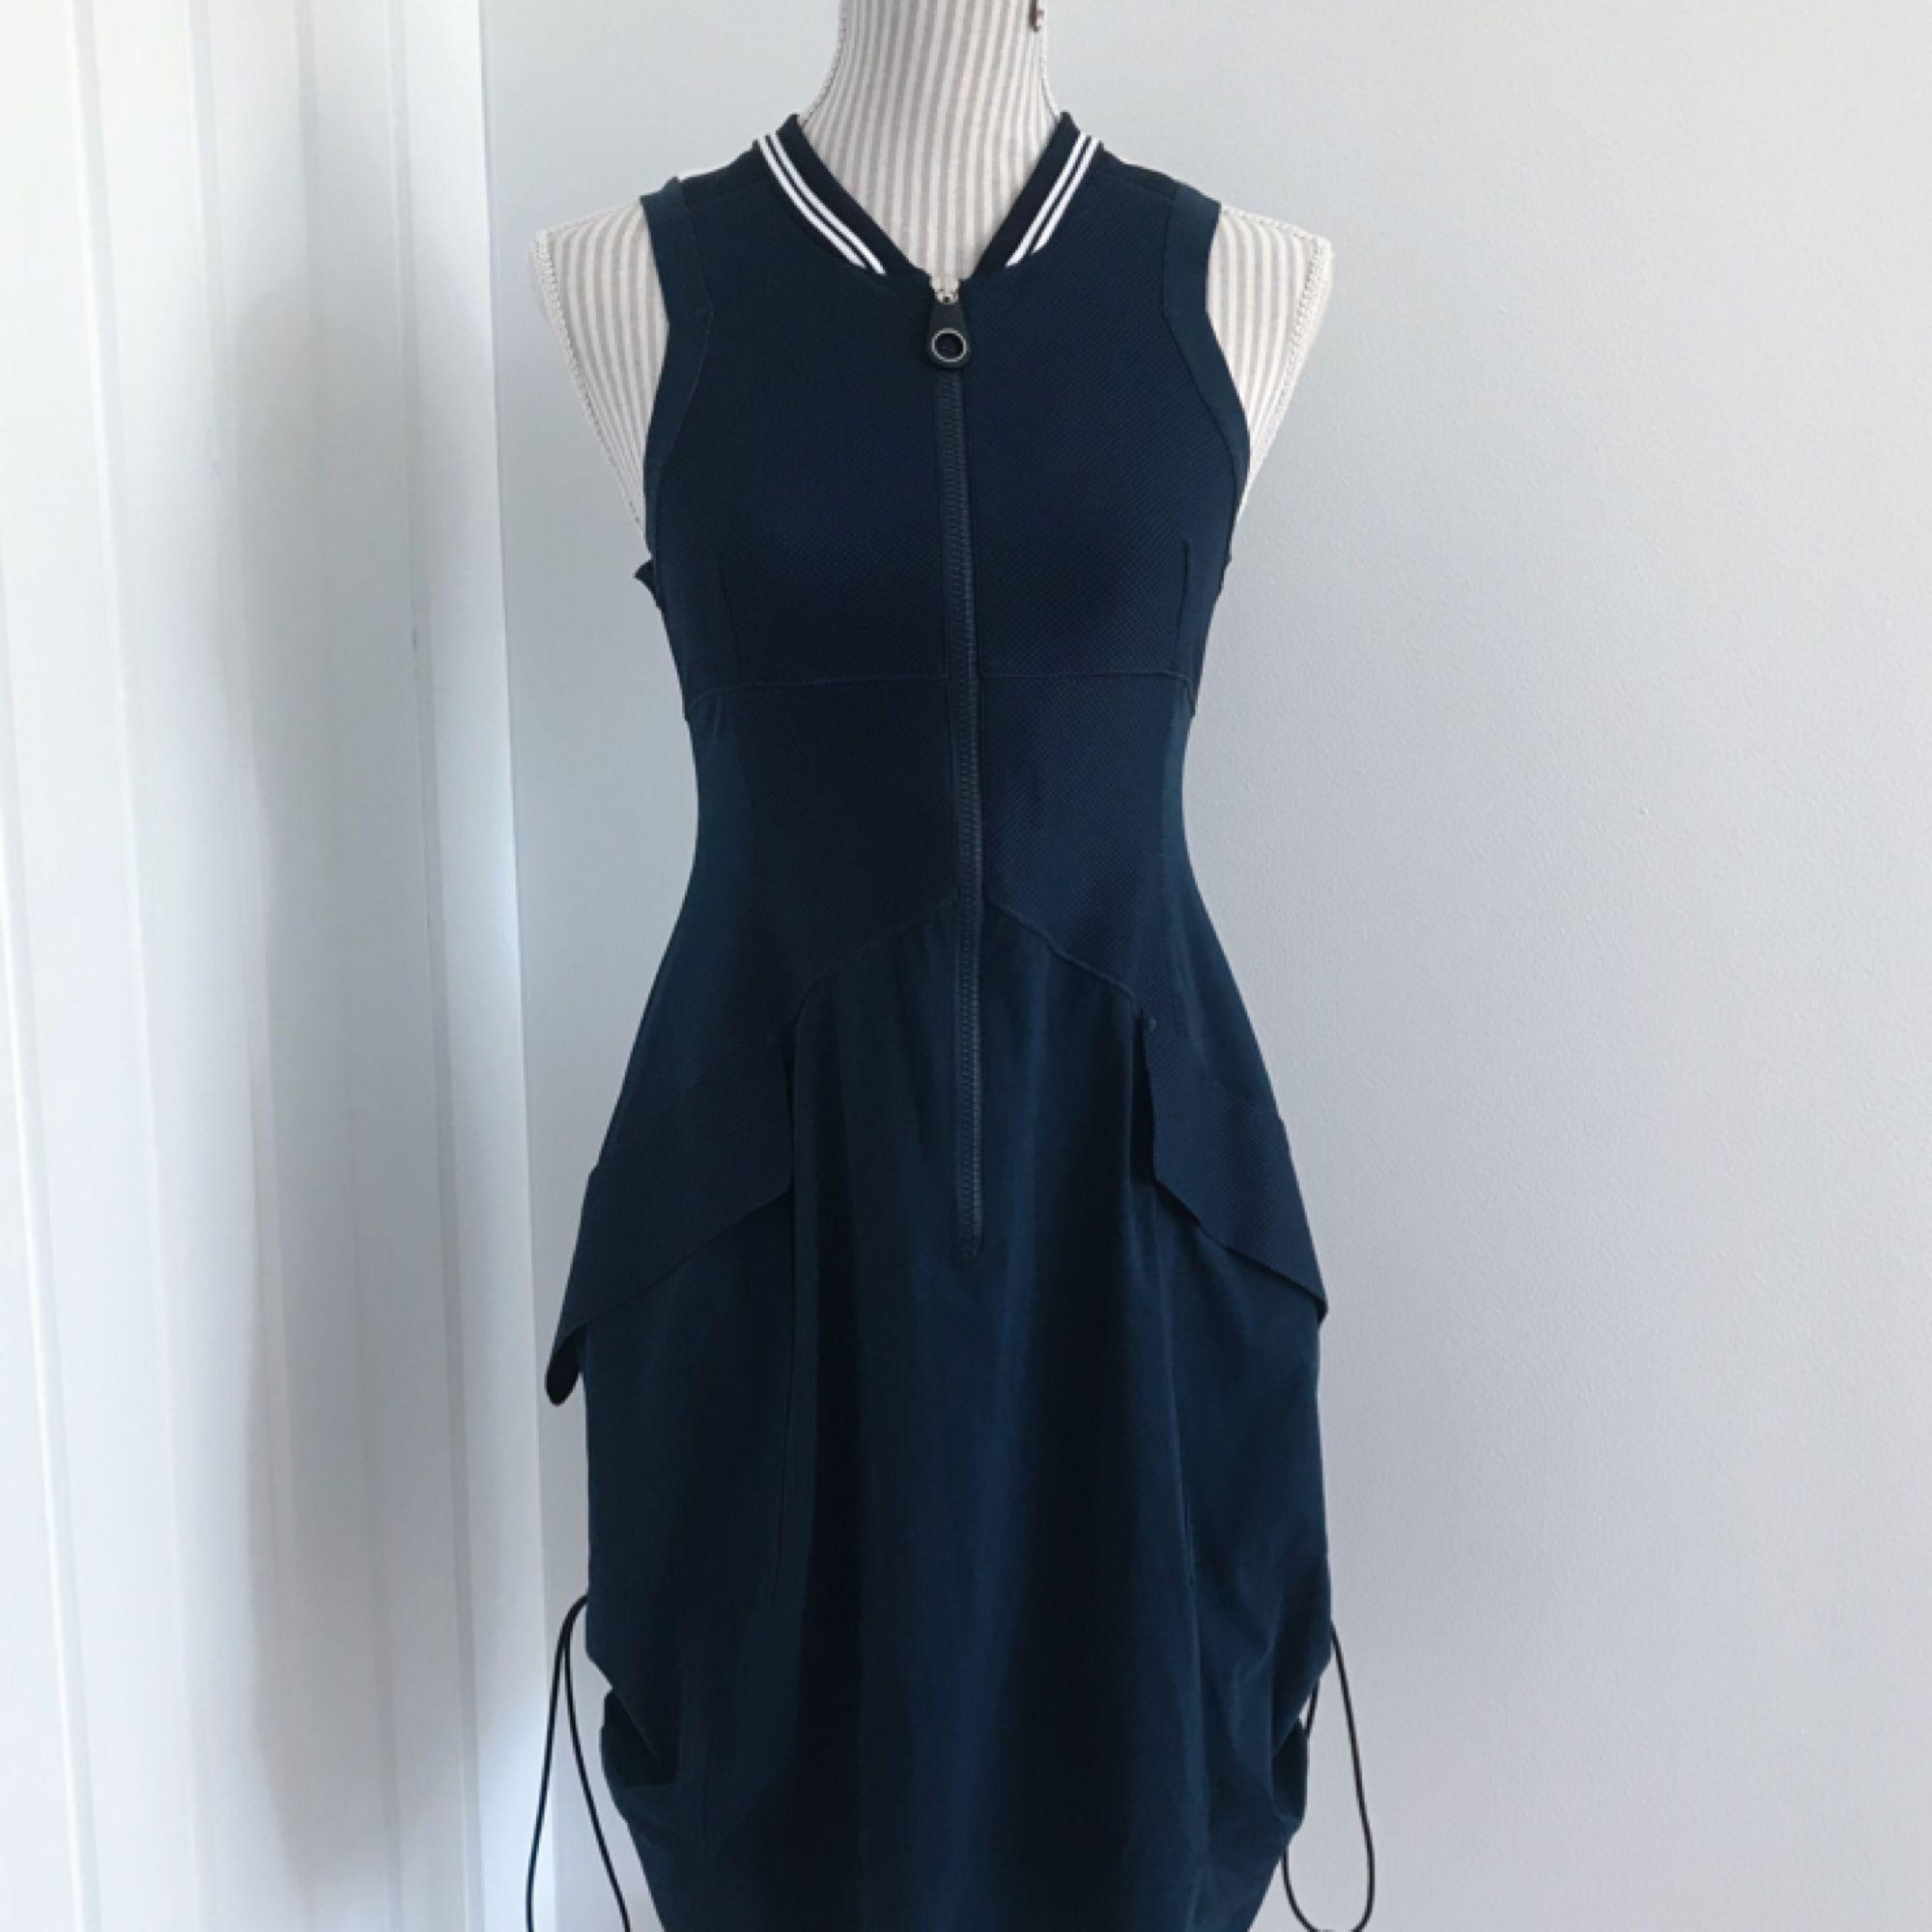 Unik blå klänning från HIGH TECH i modellen MIMICRY. Klänningen är som ny! 54cf4aab3c754